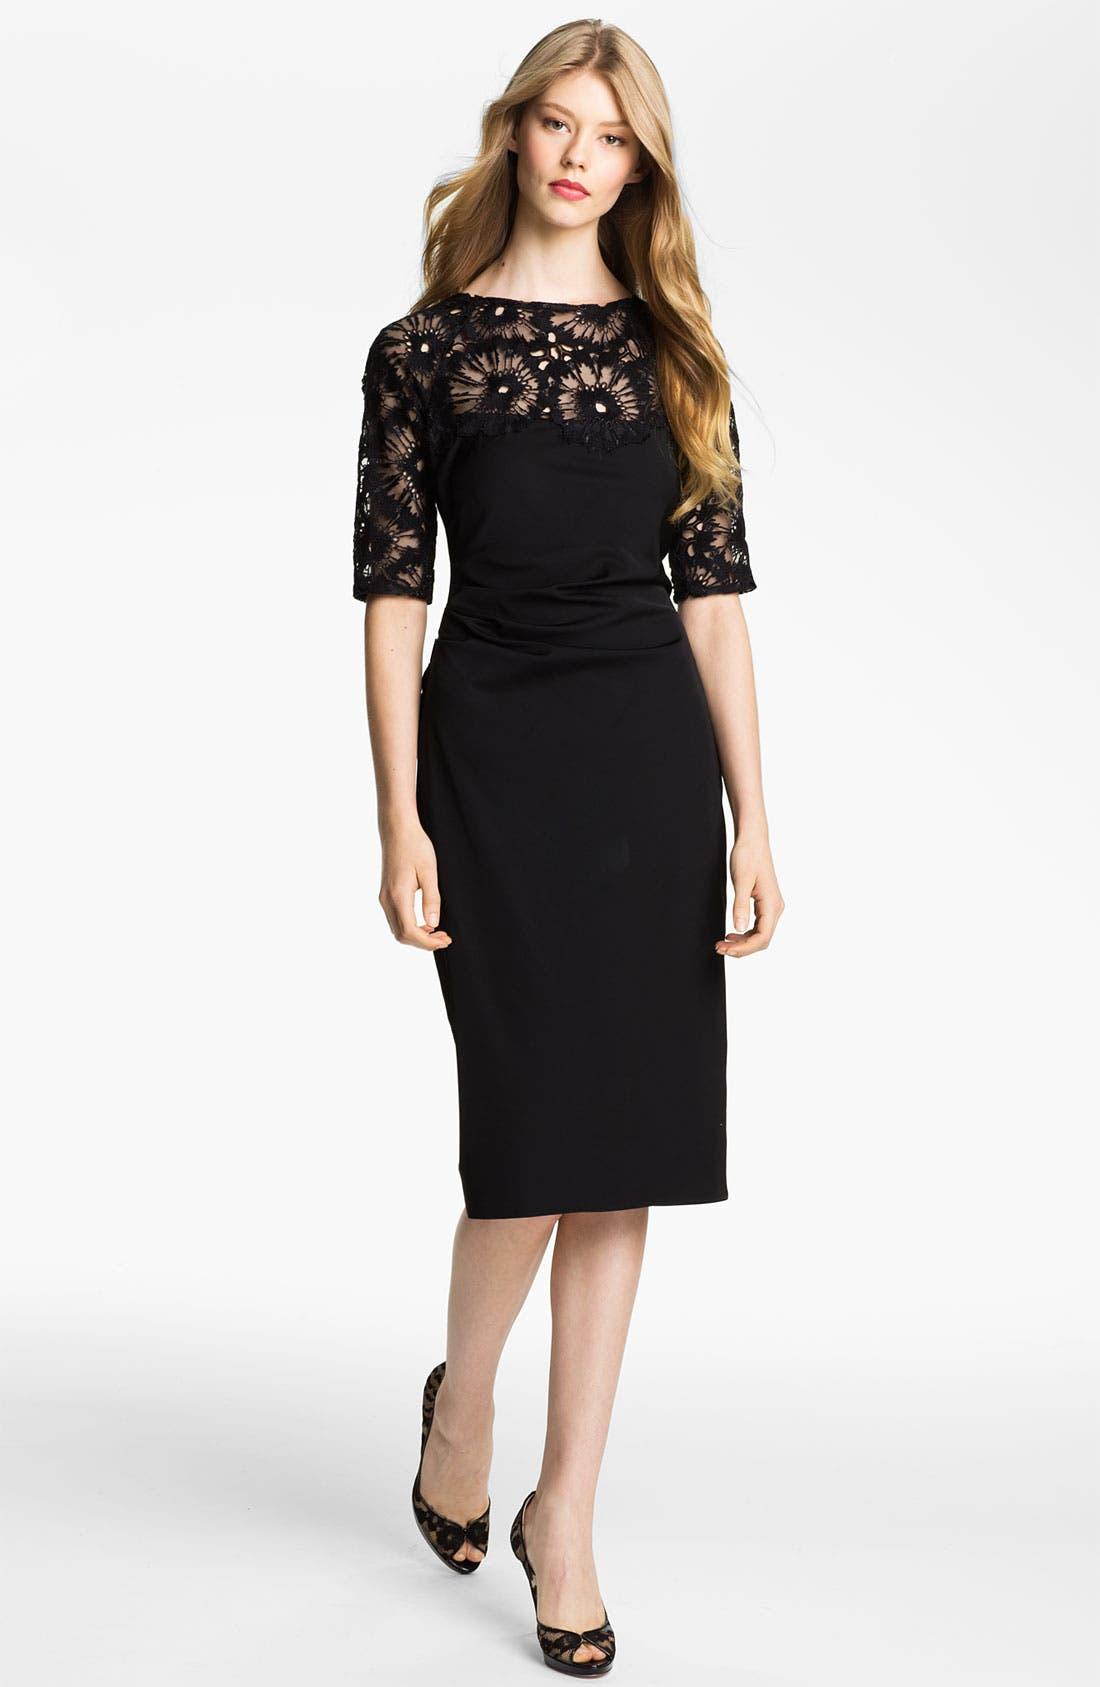 Alternate Image 1 Selected - Lela Rose Side Ruched Dress